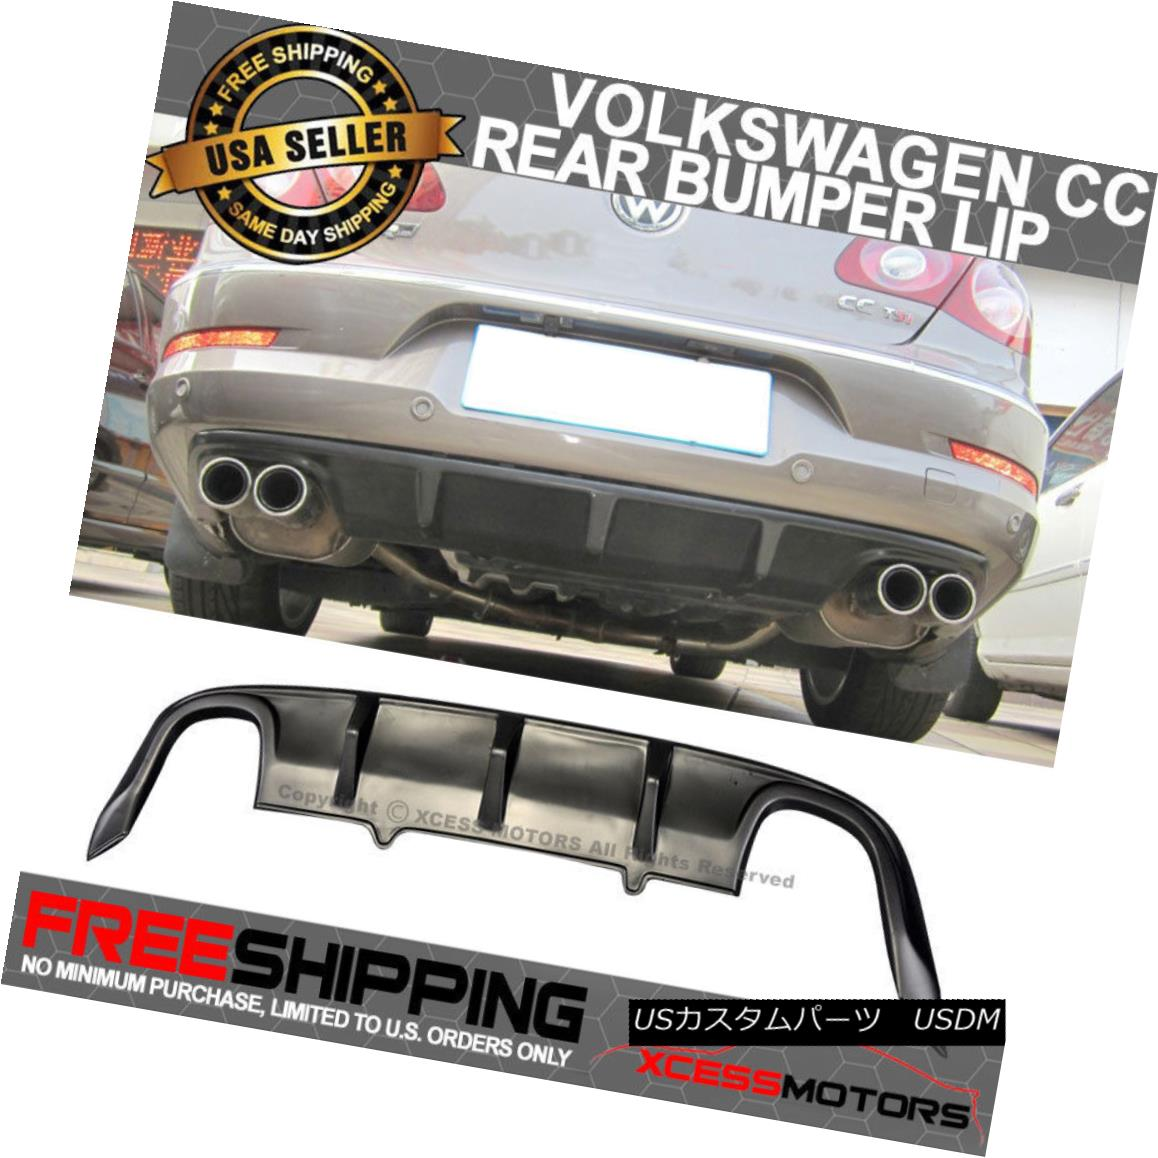 エアロパーツ Fit 08-12 VW CC PP Rear Bumper Lip Spoiler Diffuser Bodykit Polypropylene フィット08-12 VW CC PPリアバンパーリップスポイラーディフューザーボディキットポリプロピレン